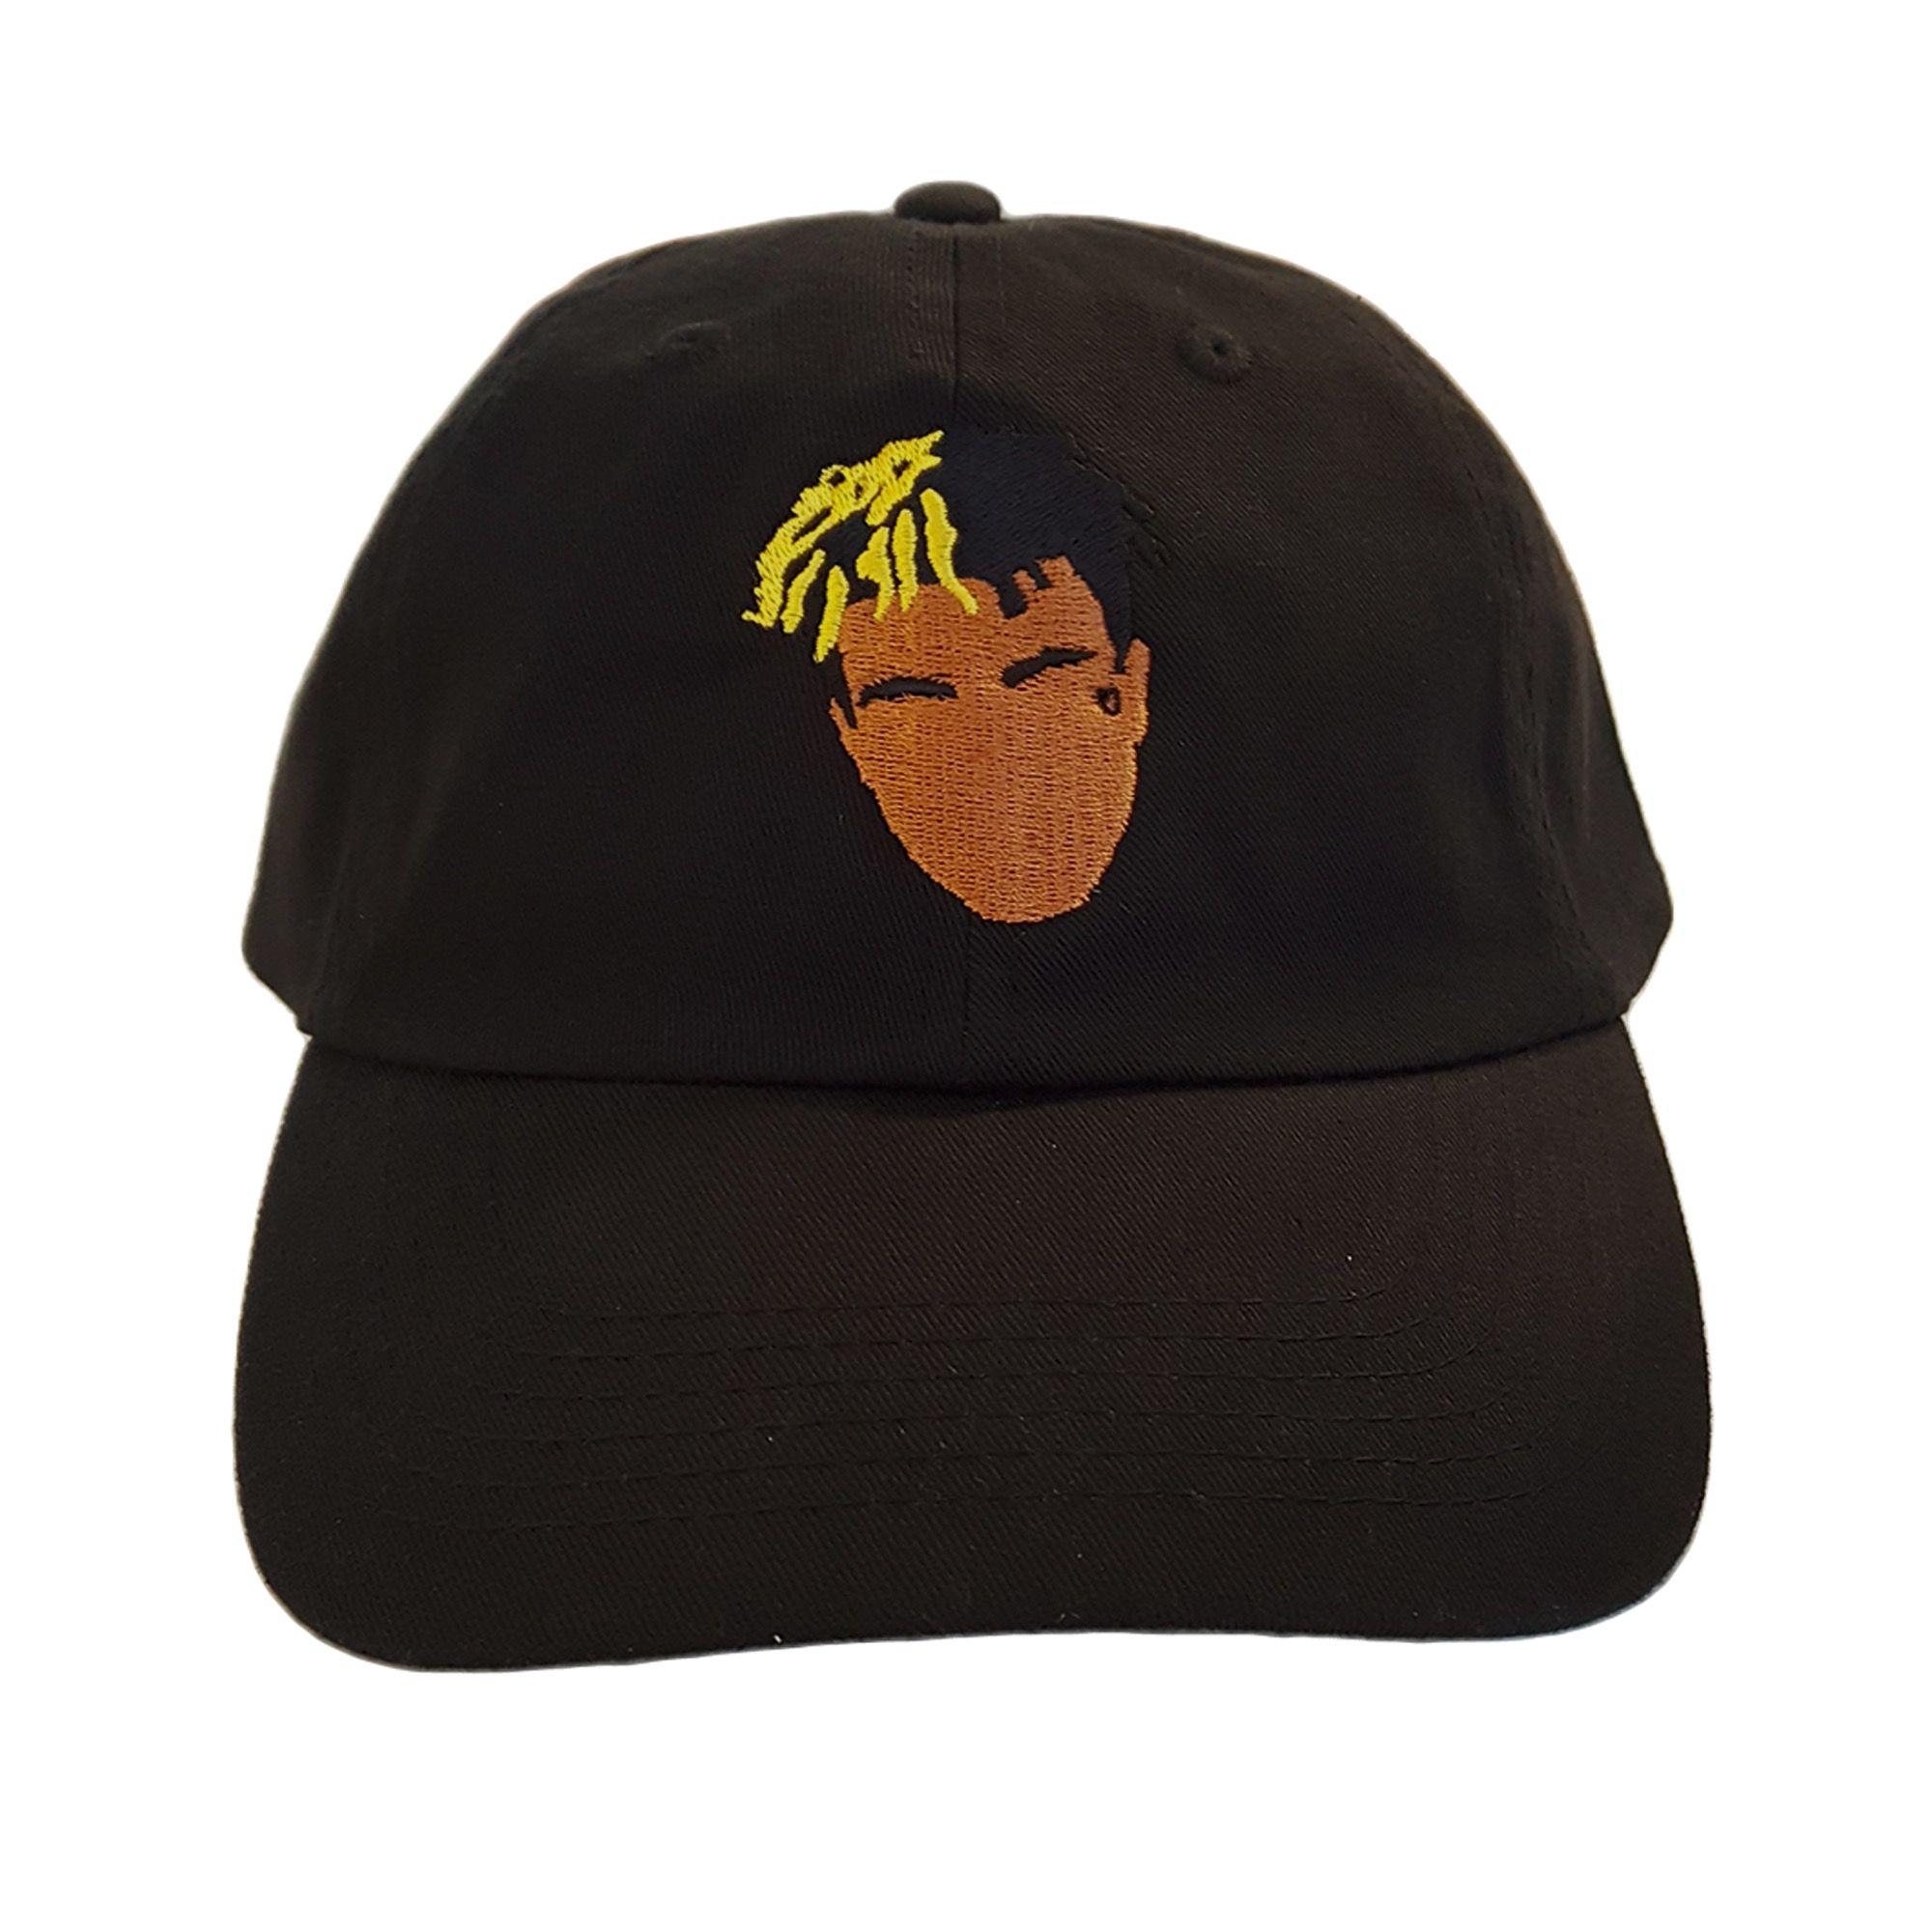 7cf7b57509 Xxxtentacion hat | nike hats | Hats, Xxxtentacion clothing, Snapback ...